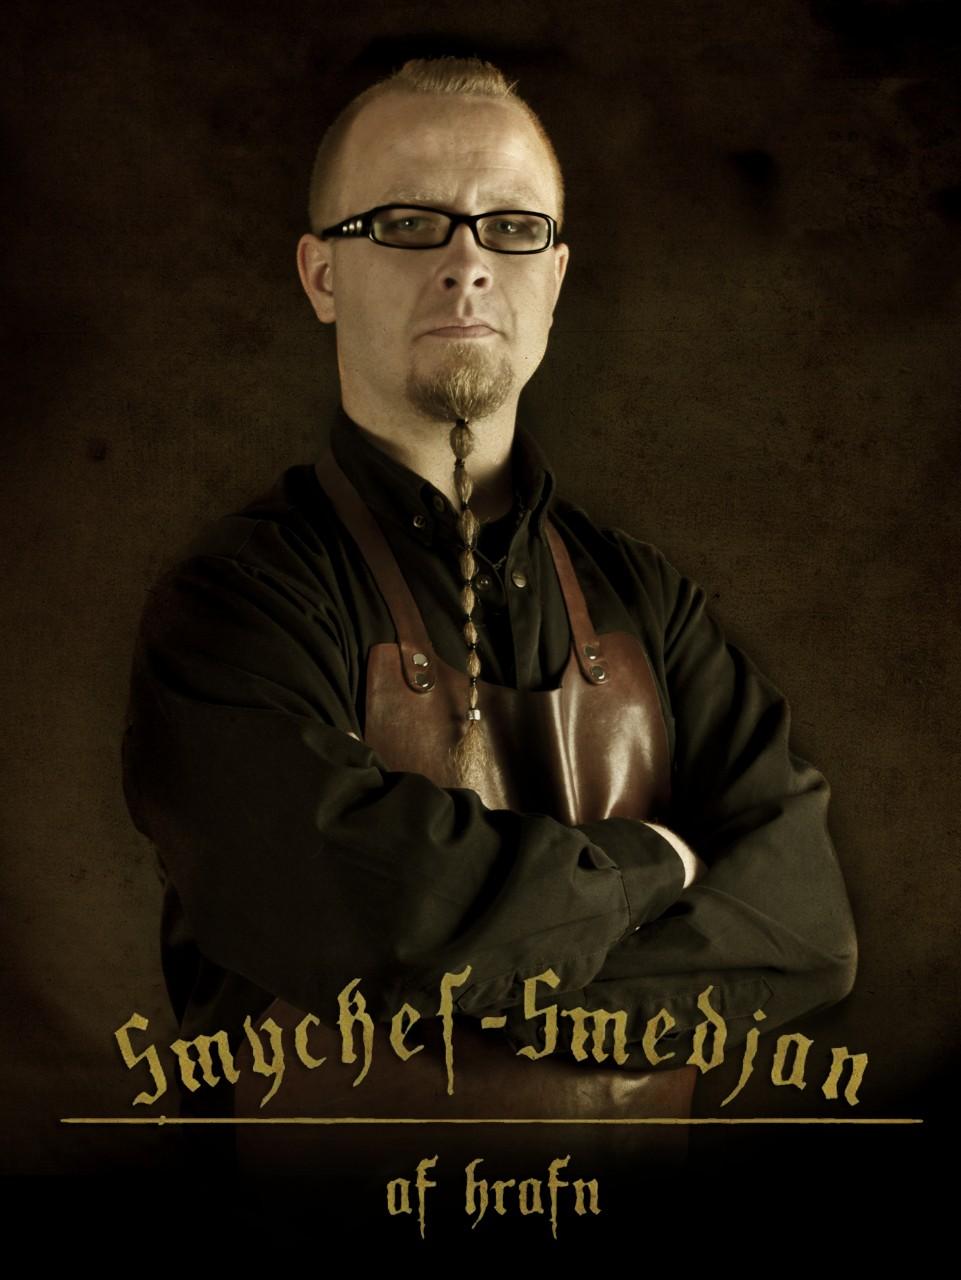 Mikeal hrafn Karlsson, Smyckes-Smedjan af hrafn